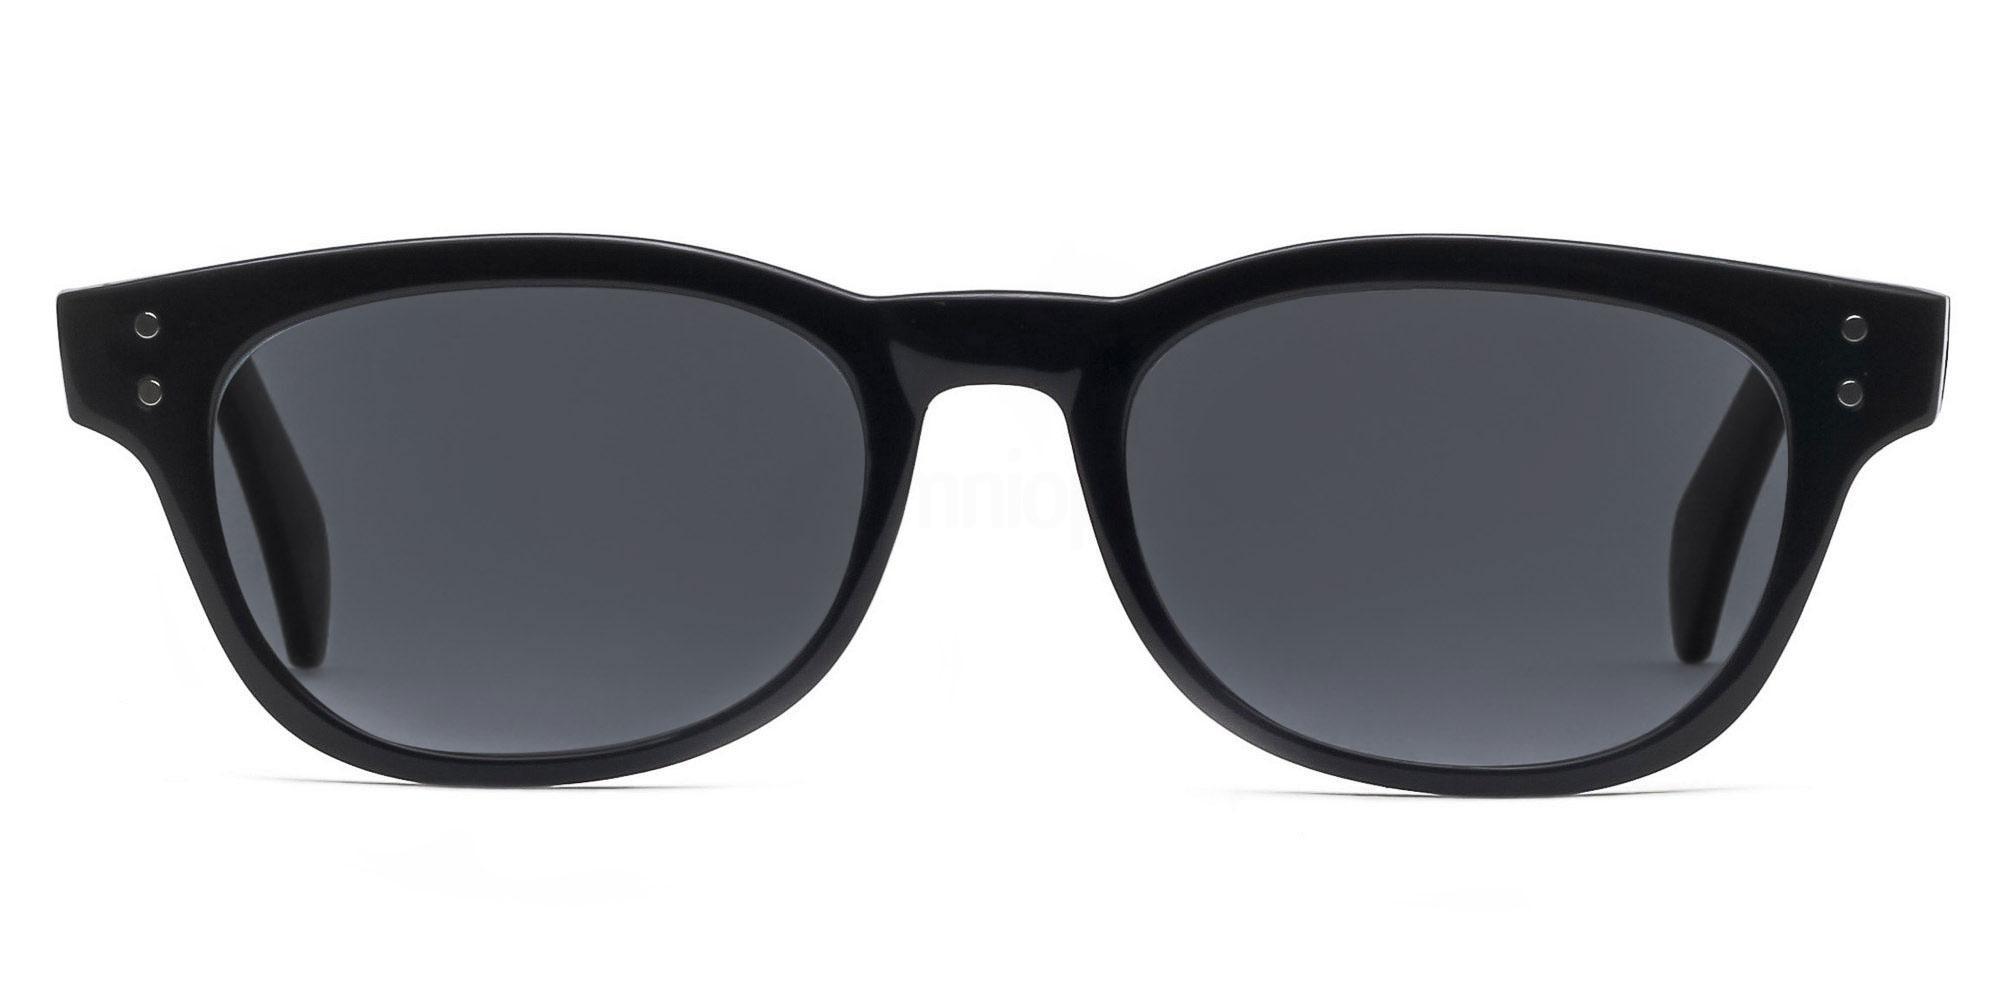 C01 Dark Grey P2249 Shiny Black (Sunglasses) , Savannah